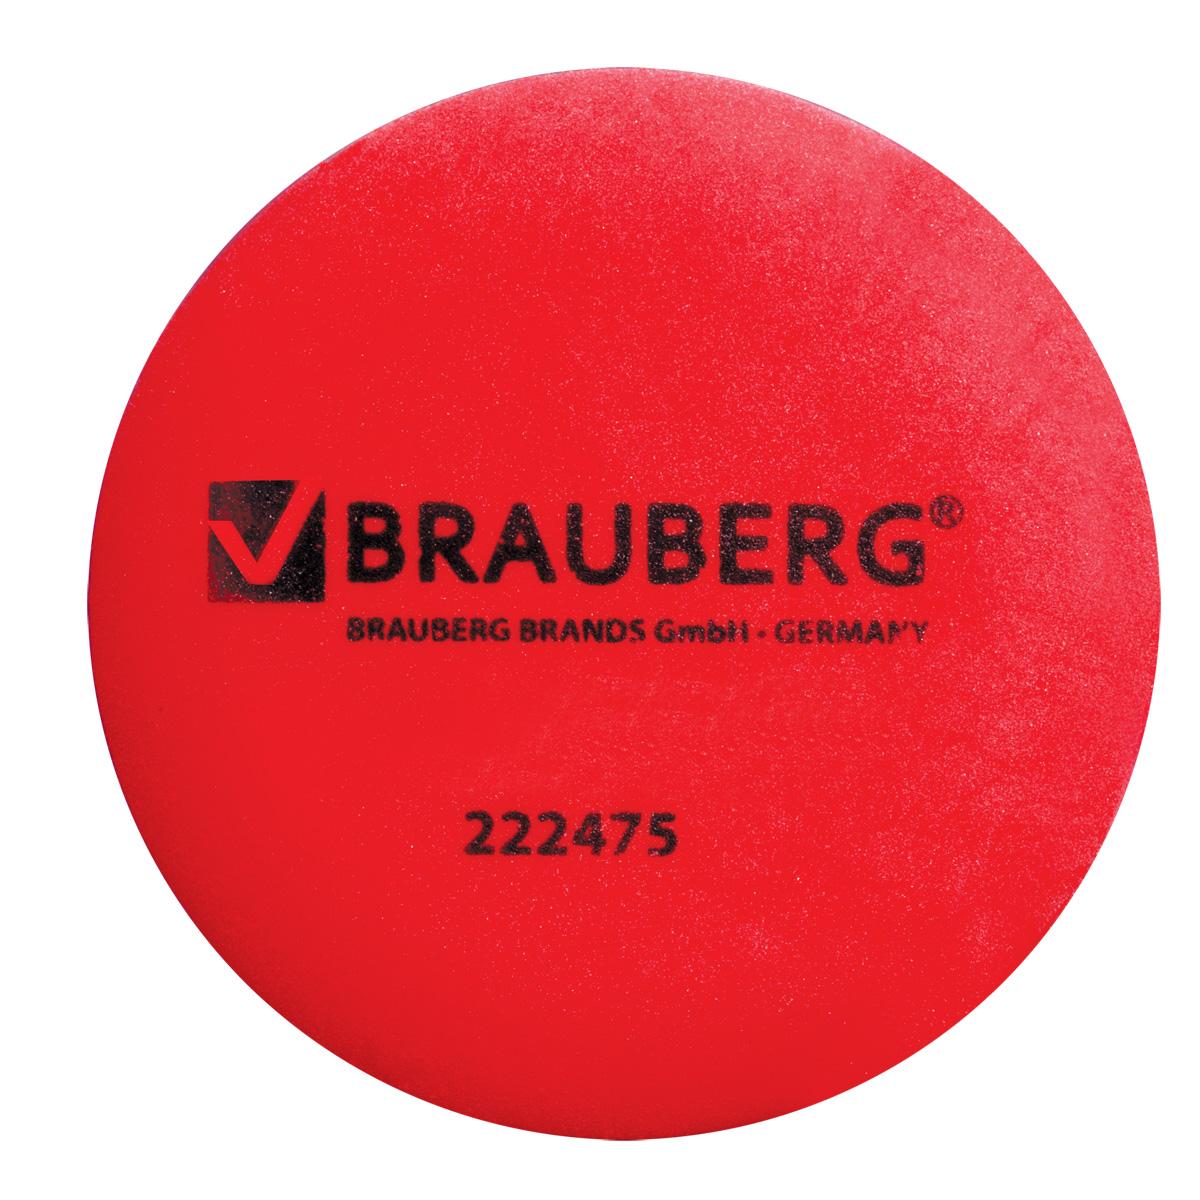 Brauberg Ластик Bombe круглый222475Ластик Brauberg Bombe предназначен для удаления надписей, сделанных карандашом. Обеспечивает лёгкое и чистое стирание без повреждения поверхности бумаги и без образования бумажной пыли. Круглая эргономичная форма. Диаметр - 55 мм. Уважаемые клиенты! Обращаем ваше внимание на цветовой ассортимент товара. Поставка осуществляется в зависимости от наличия на складе.